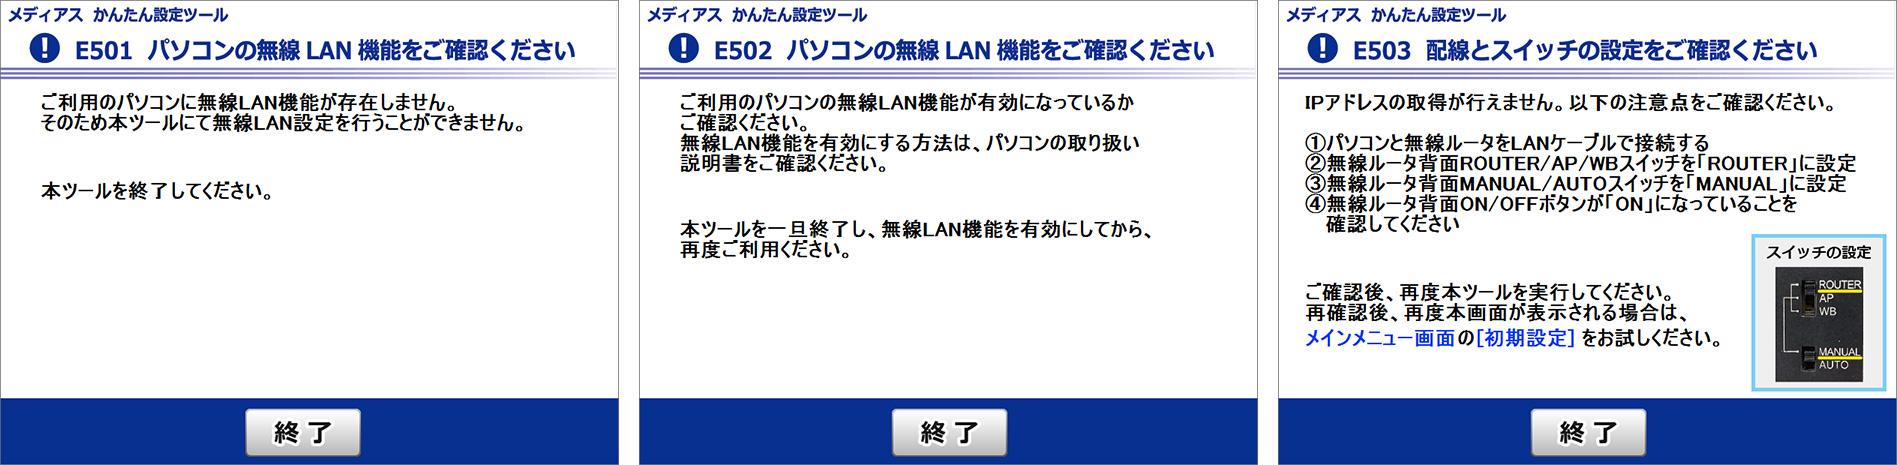 無線LAN設定の手順 STEP.3-2